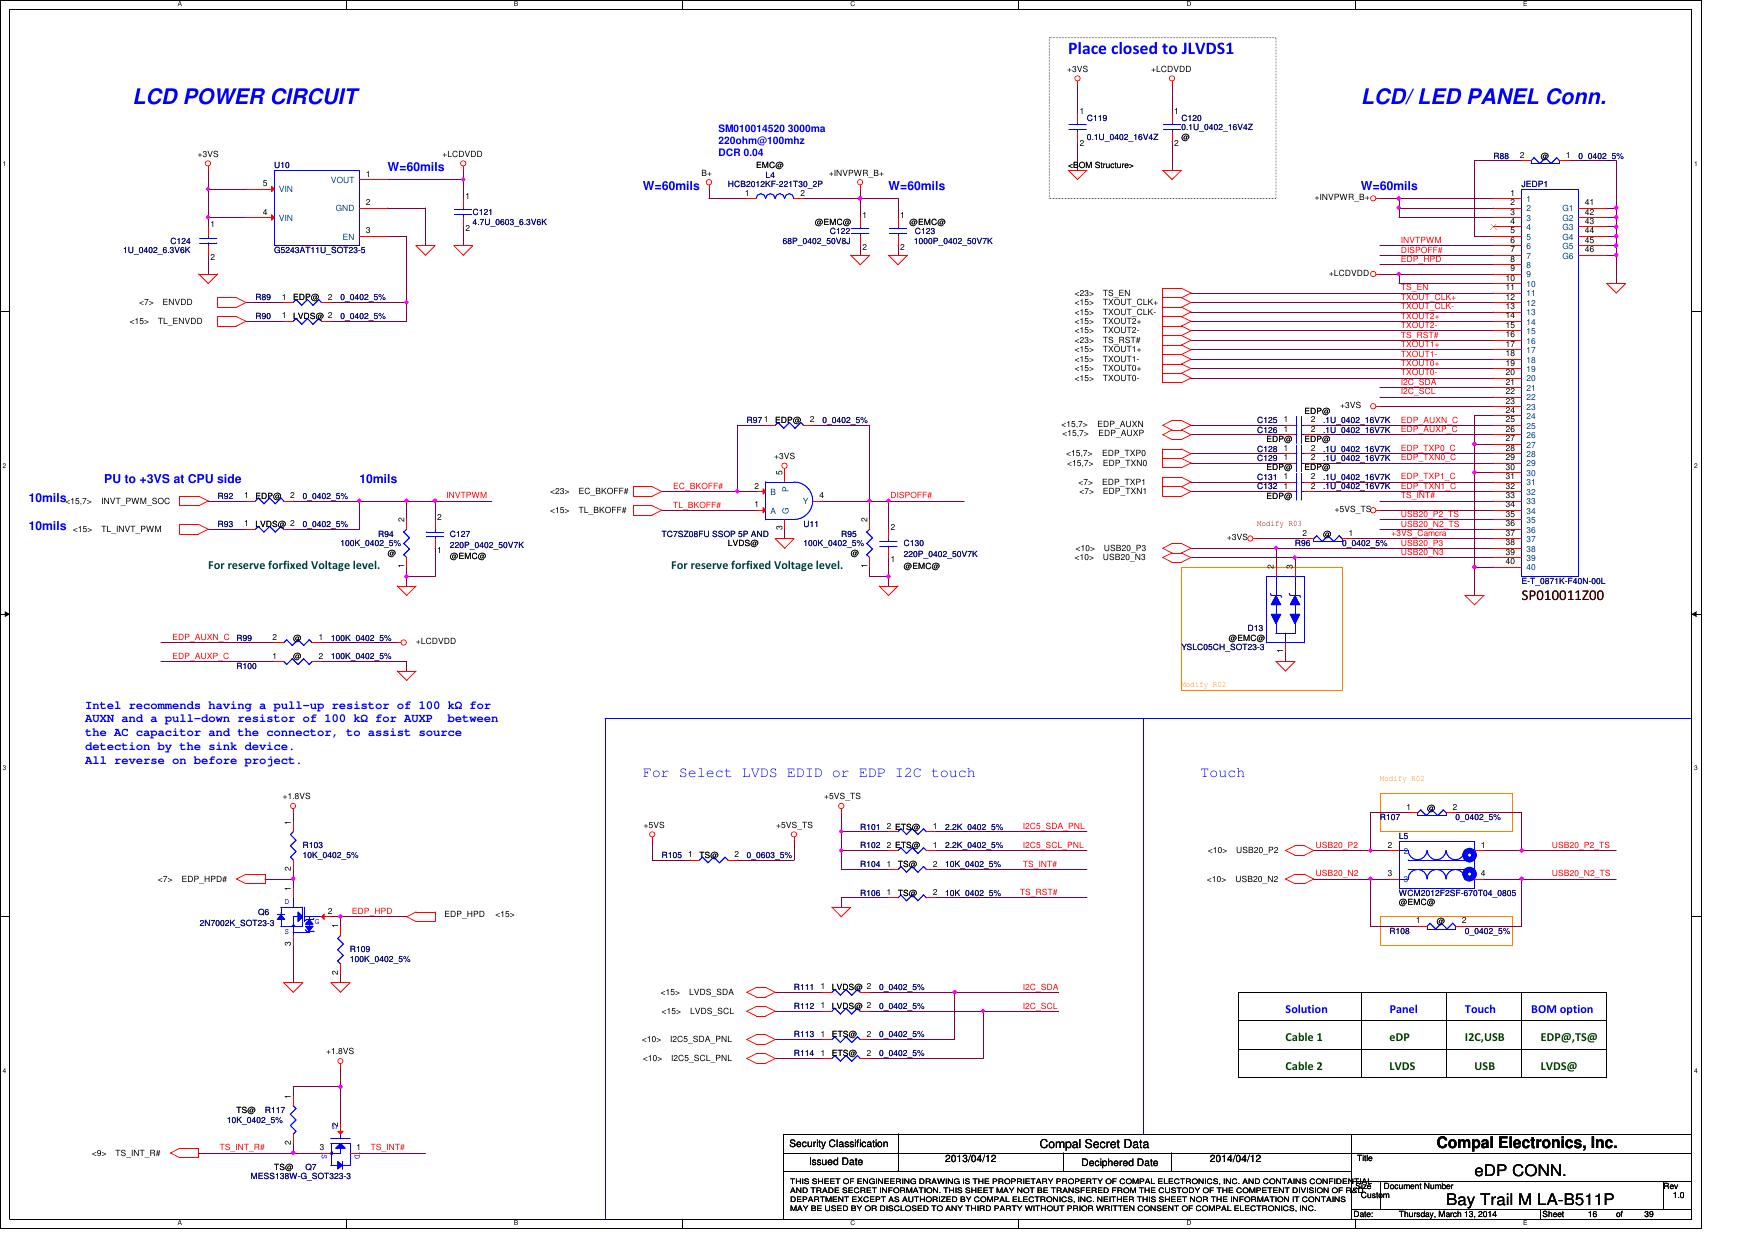 Compal LA B511P Schematics  Www s manuals com  R1 0 Schematics